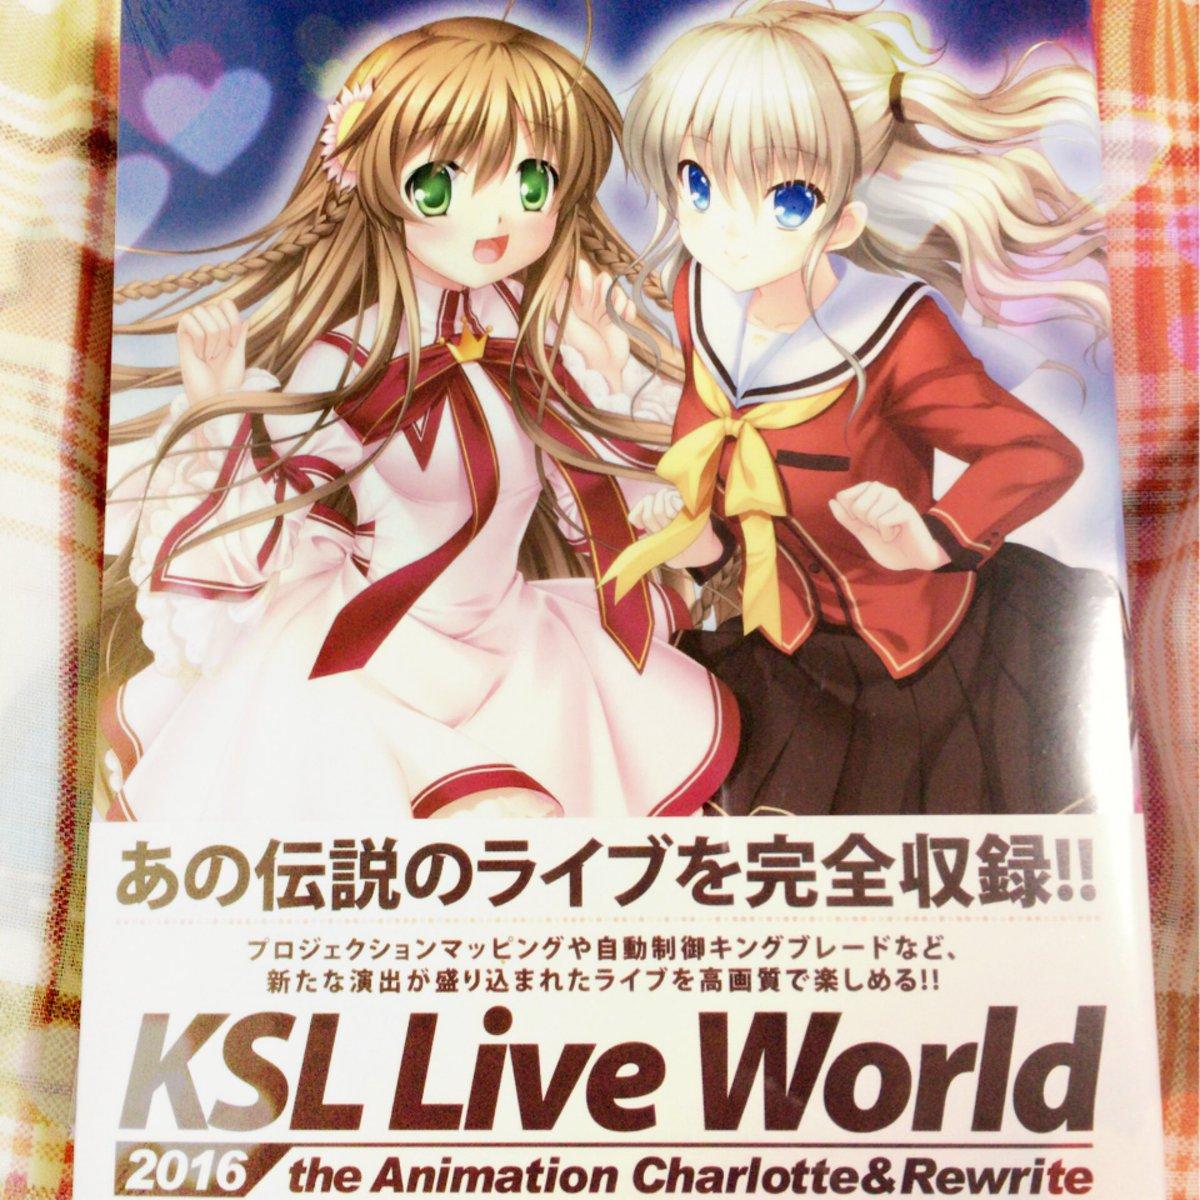 私が2016年4月30日に出演させていただいた「KSL Live World 2016 ~the Animation C